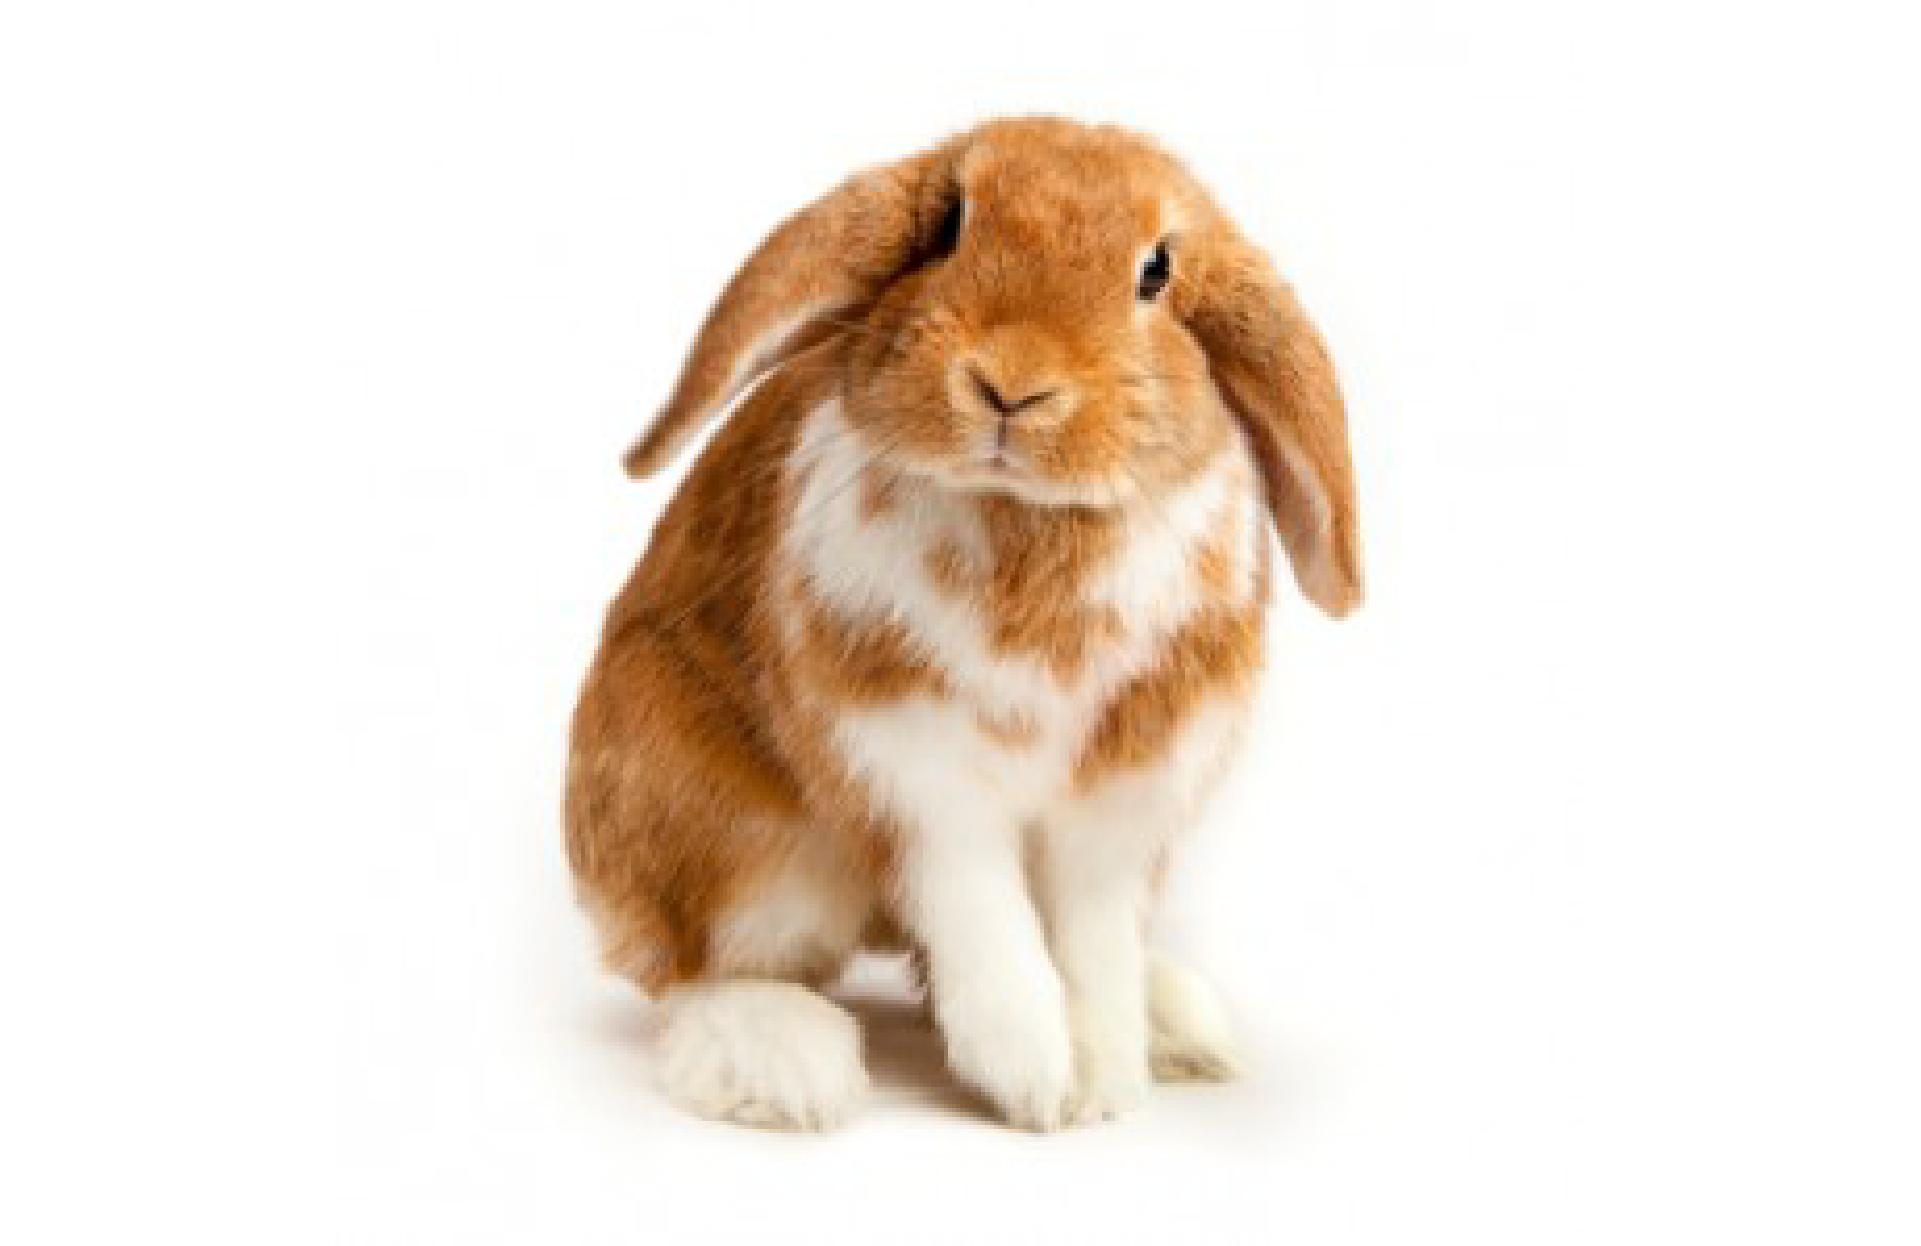 PETCO Nat'l Adoptions March 9 & 10